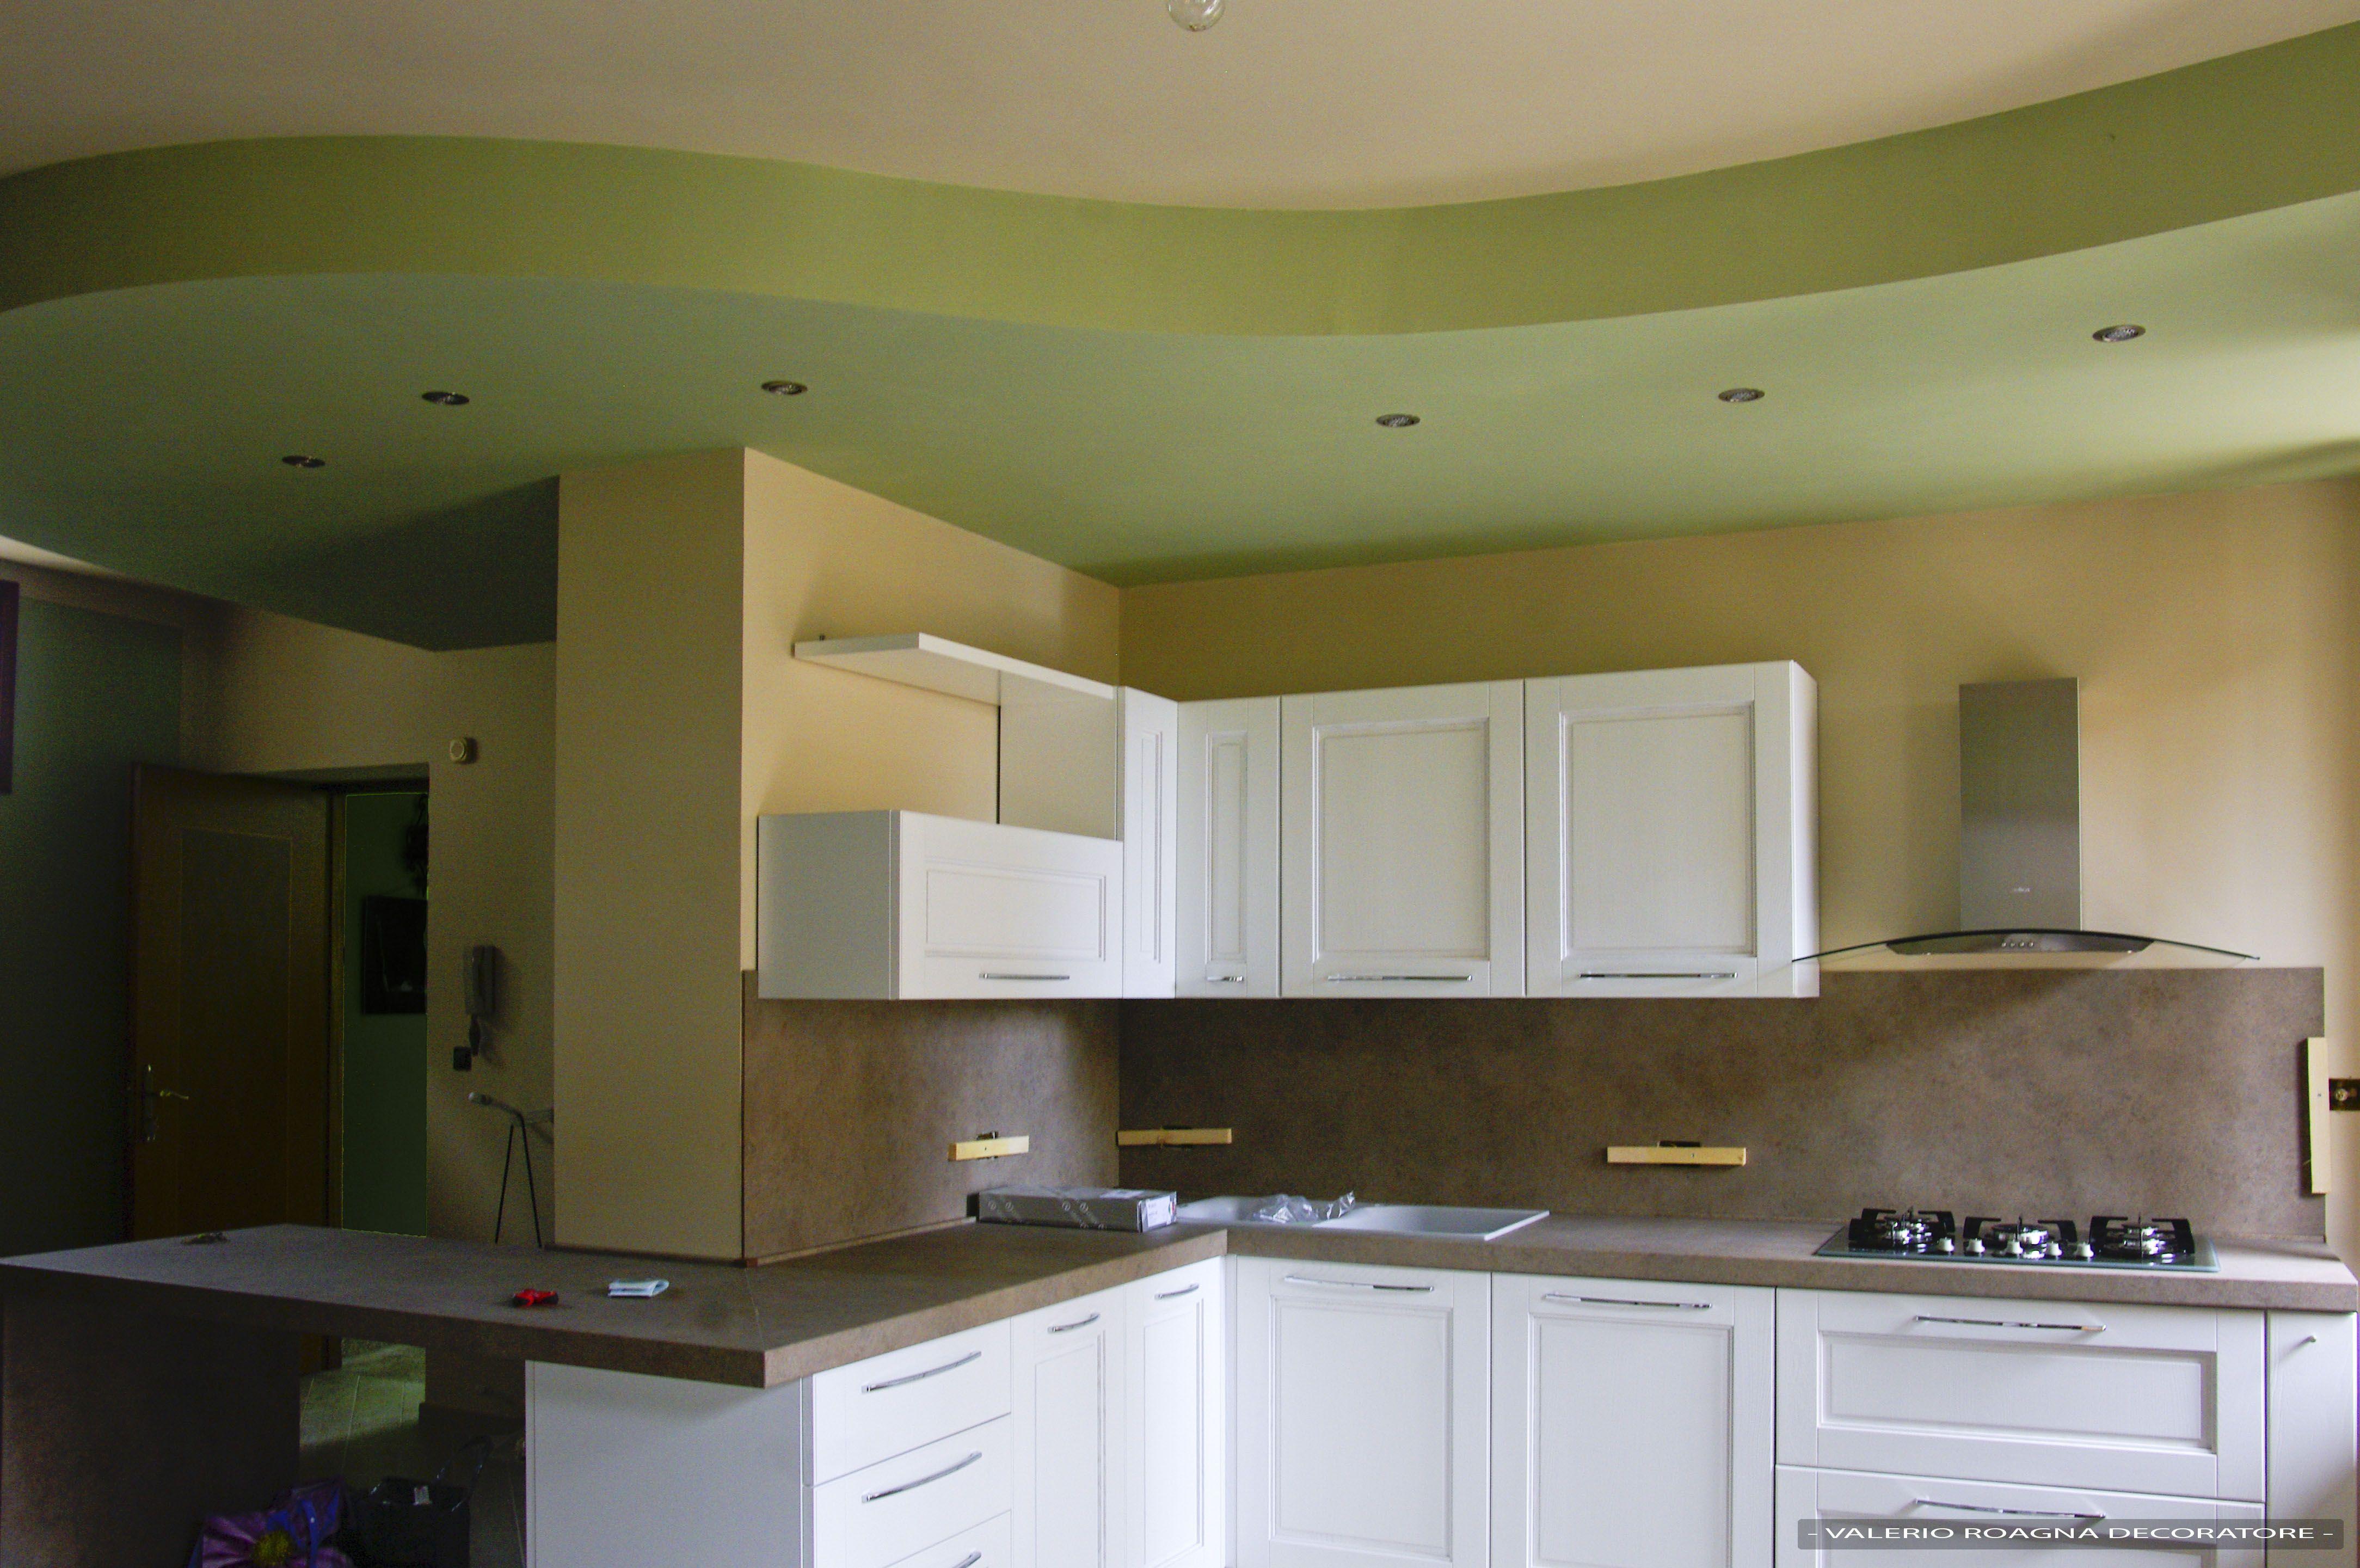 cucina con contro soffitto in cartongesso i miei lavori